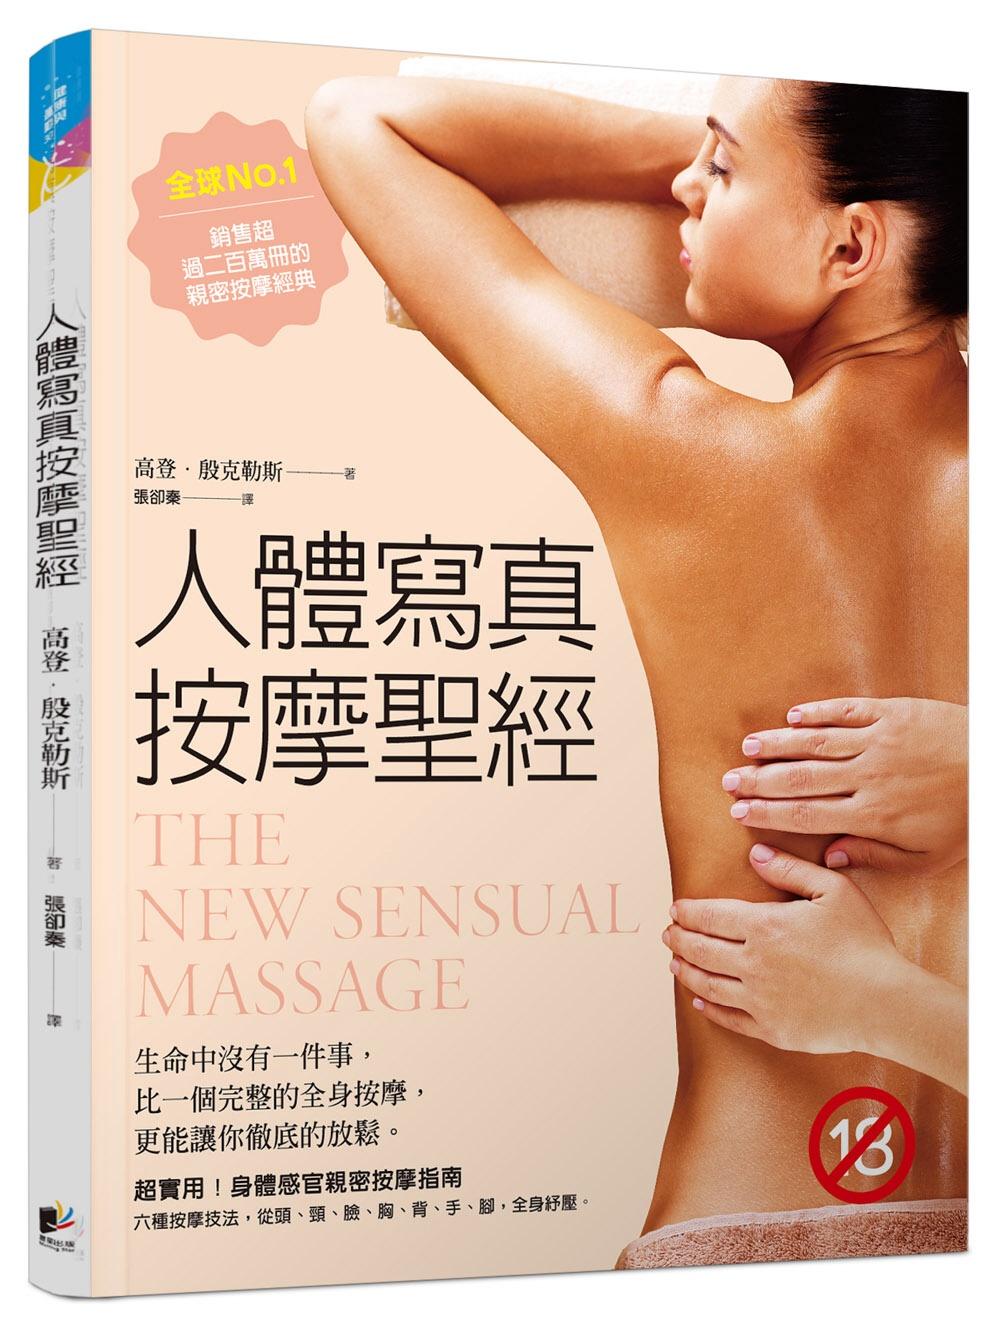 人體寫真按摩聖經:超實用!全身感官按摩指南。以六種按摩技法,從頭、頸、臉、胸、背、手、腳,全身紓壓(限台灣)